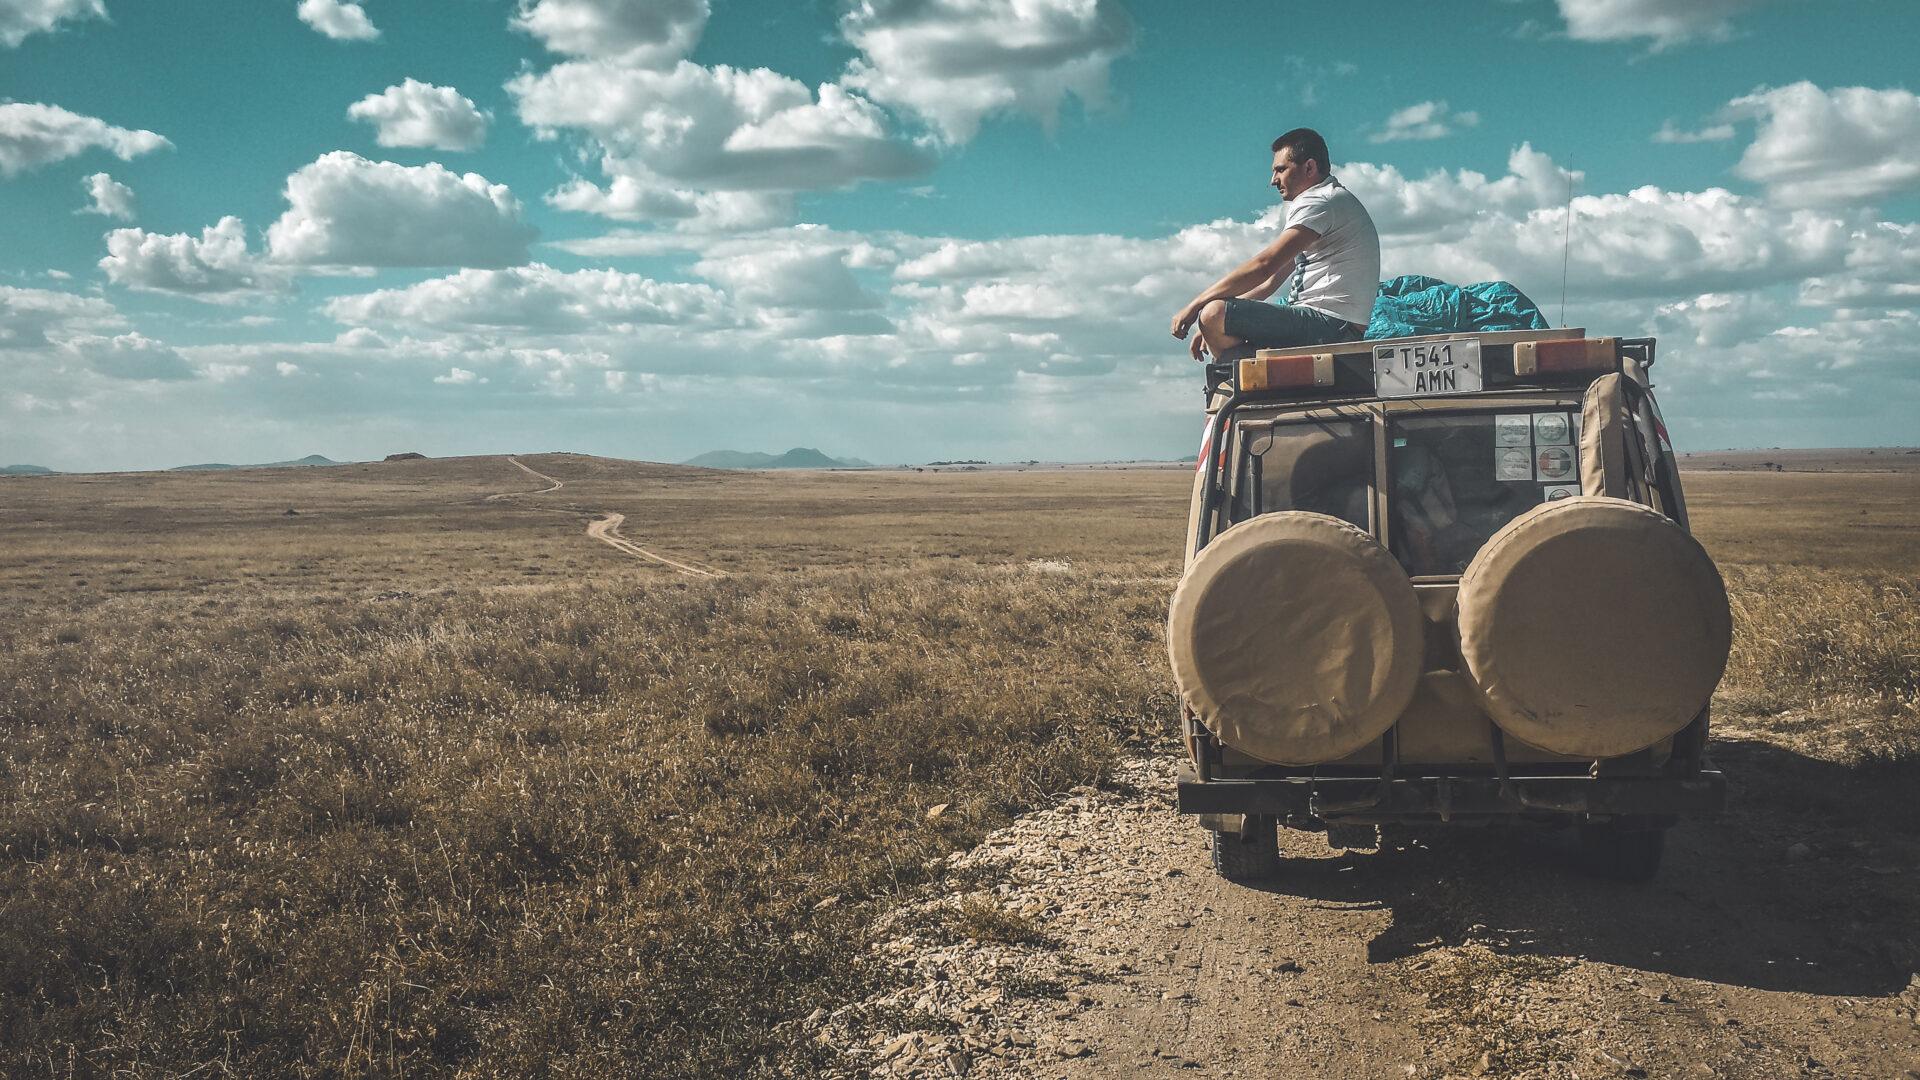 Podróż po Afryce